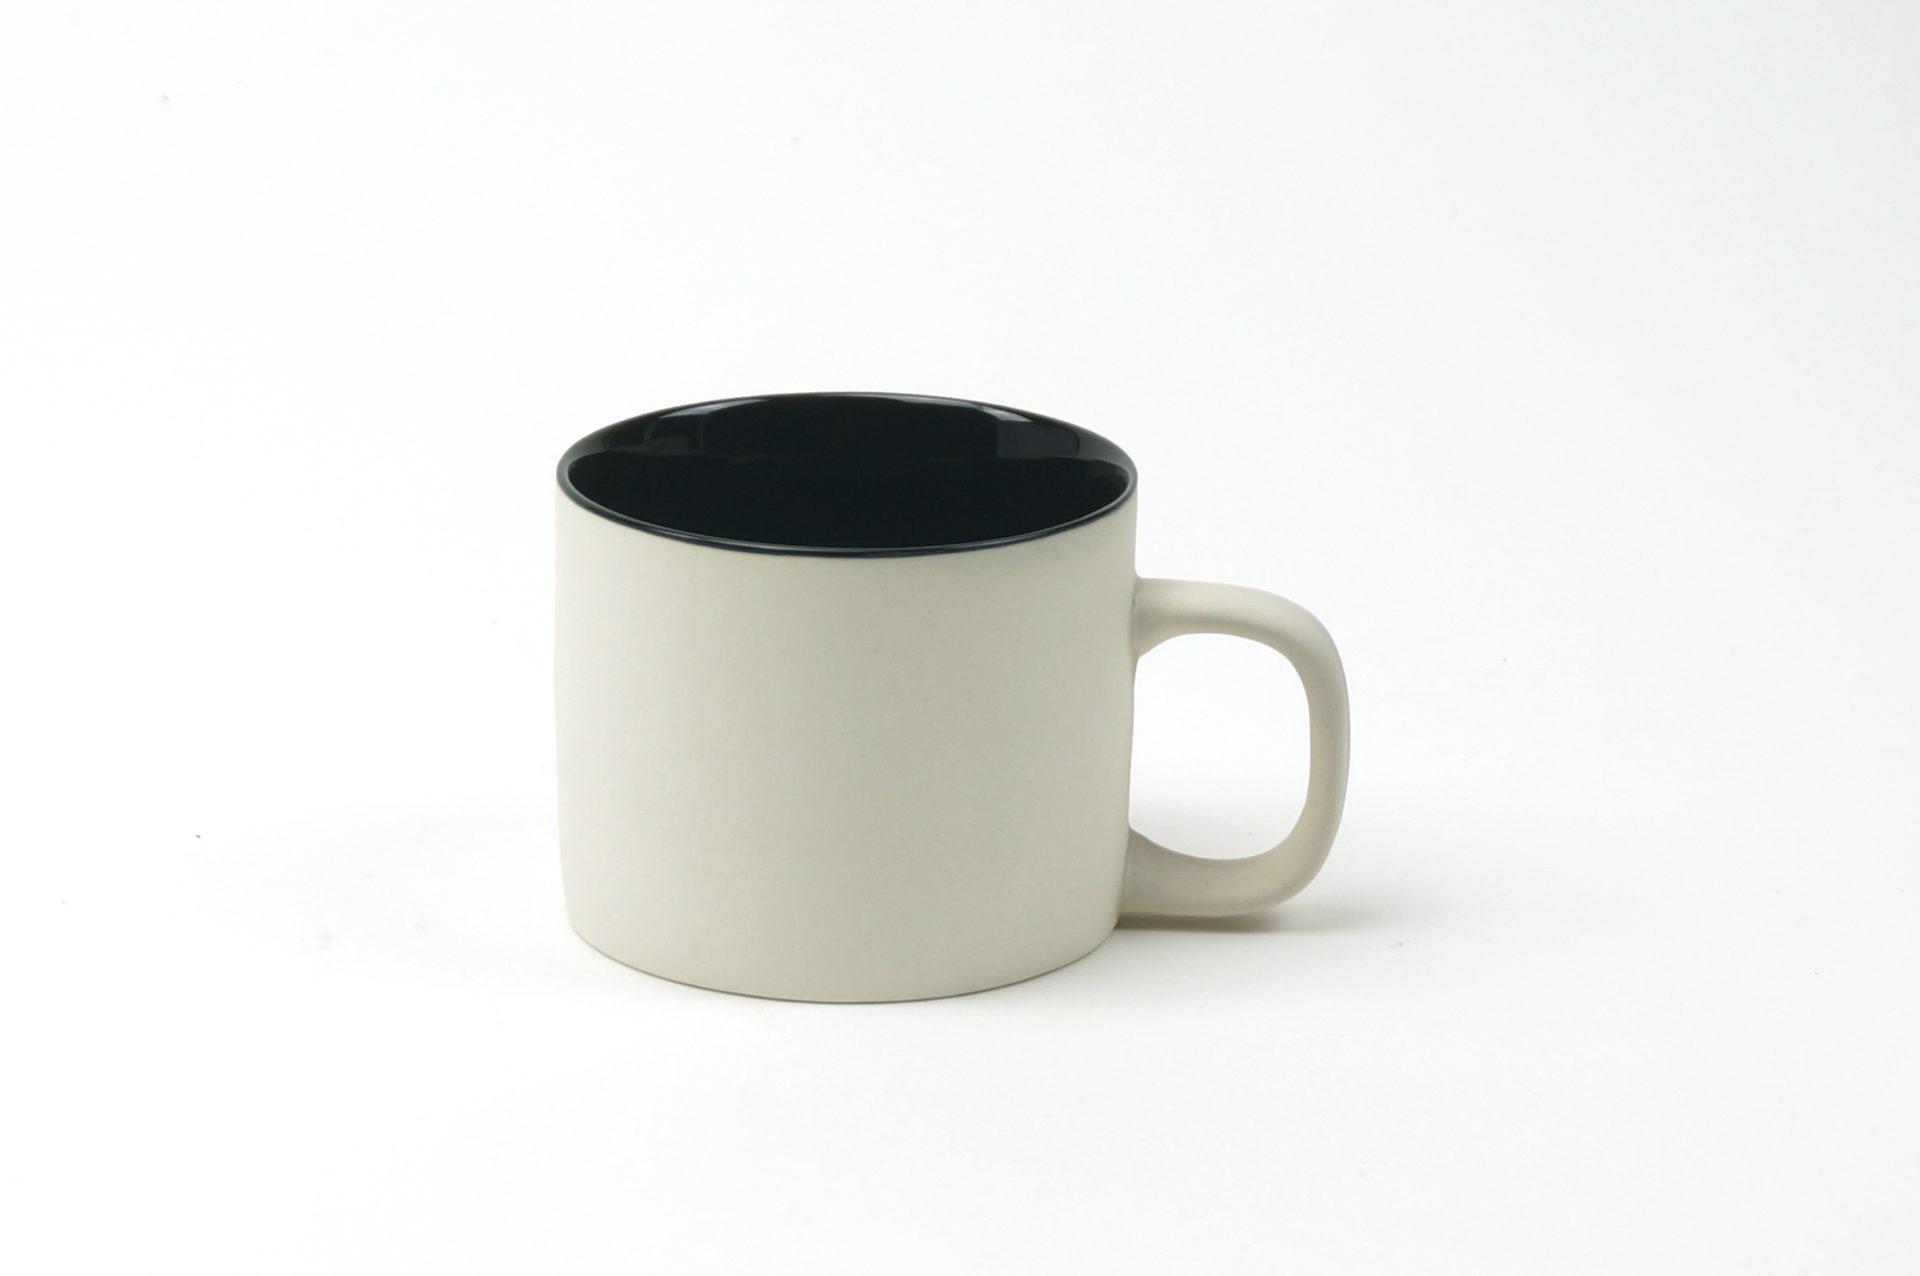 CYLカップ ブラック(200ml)